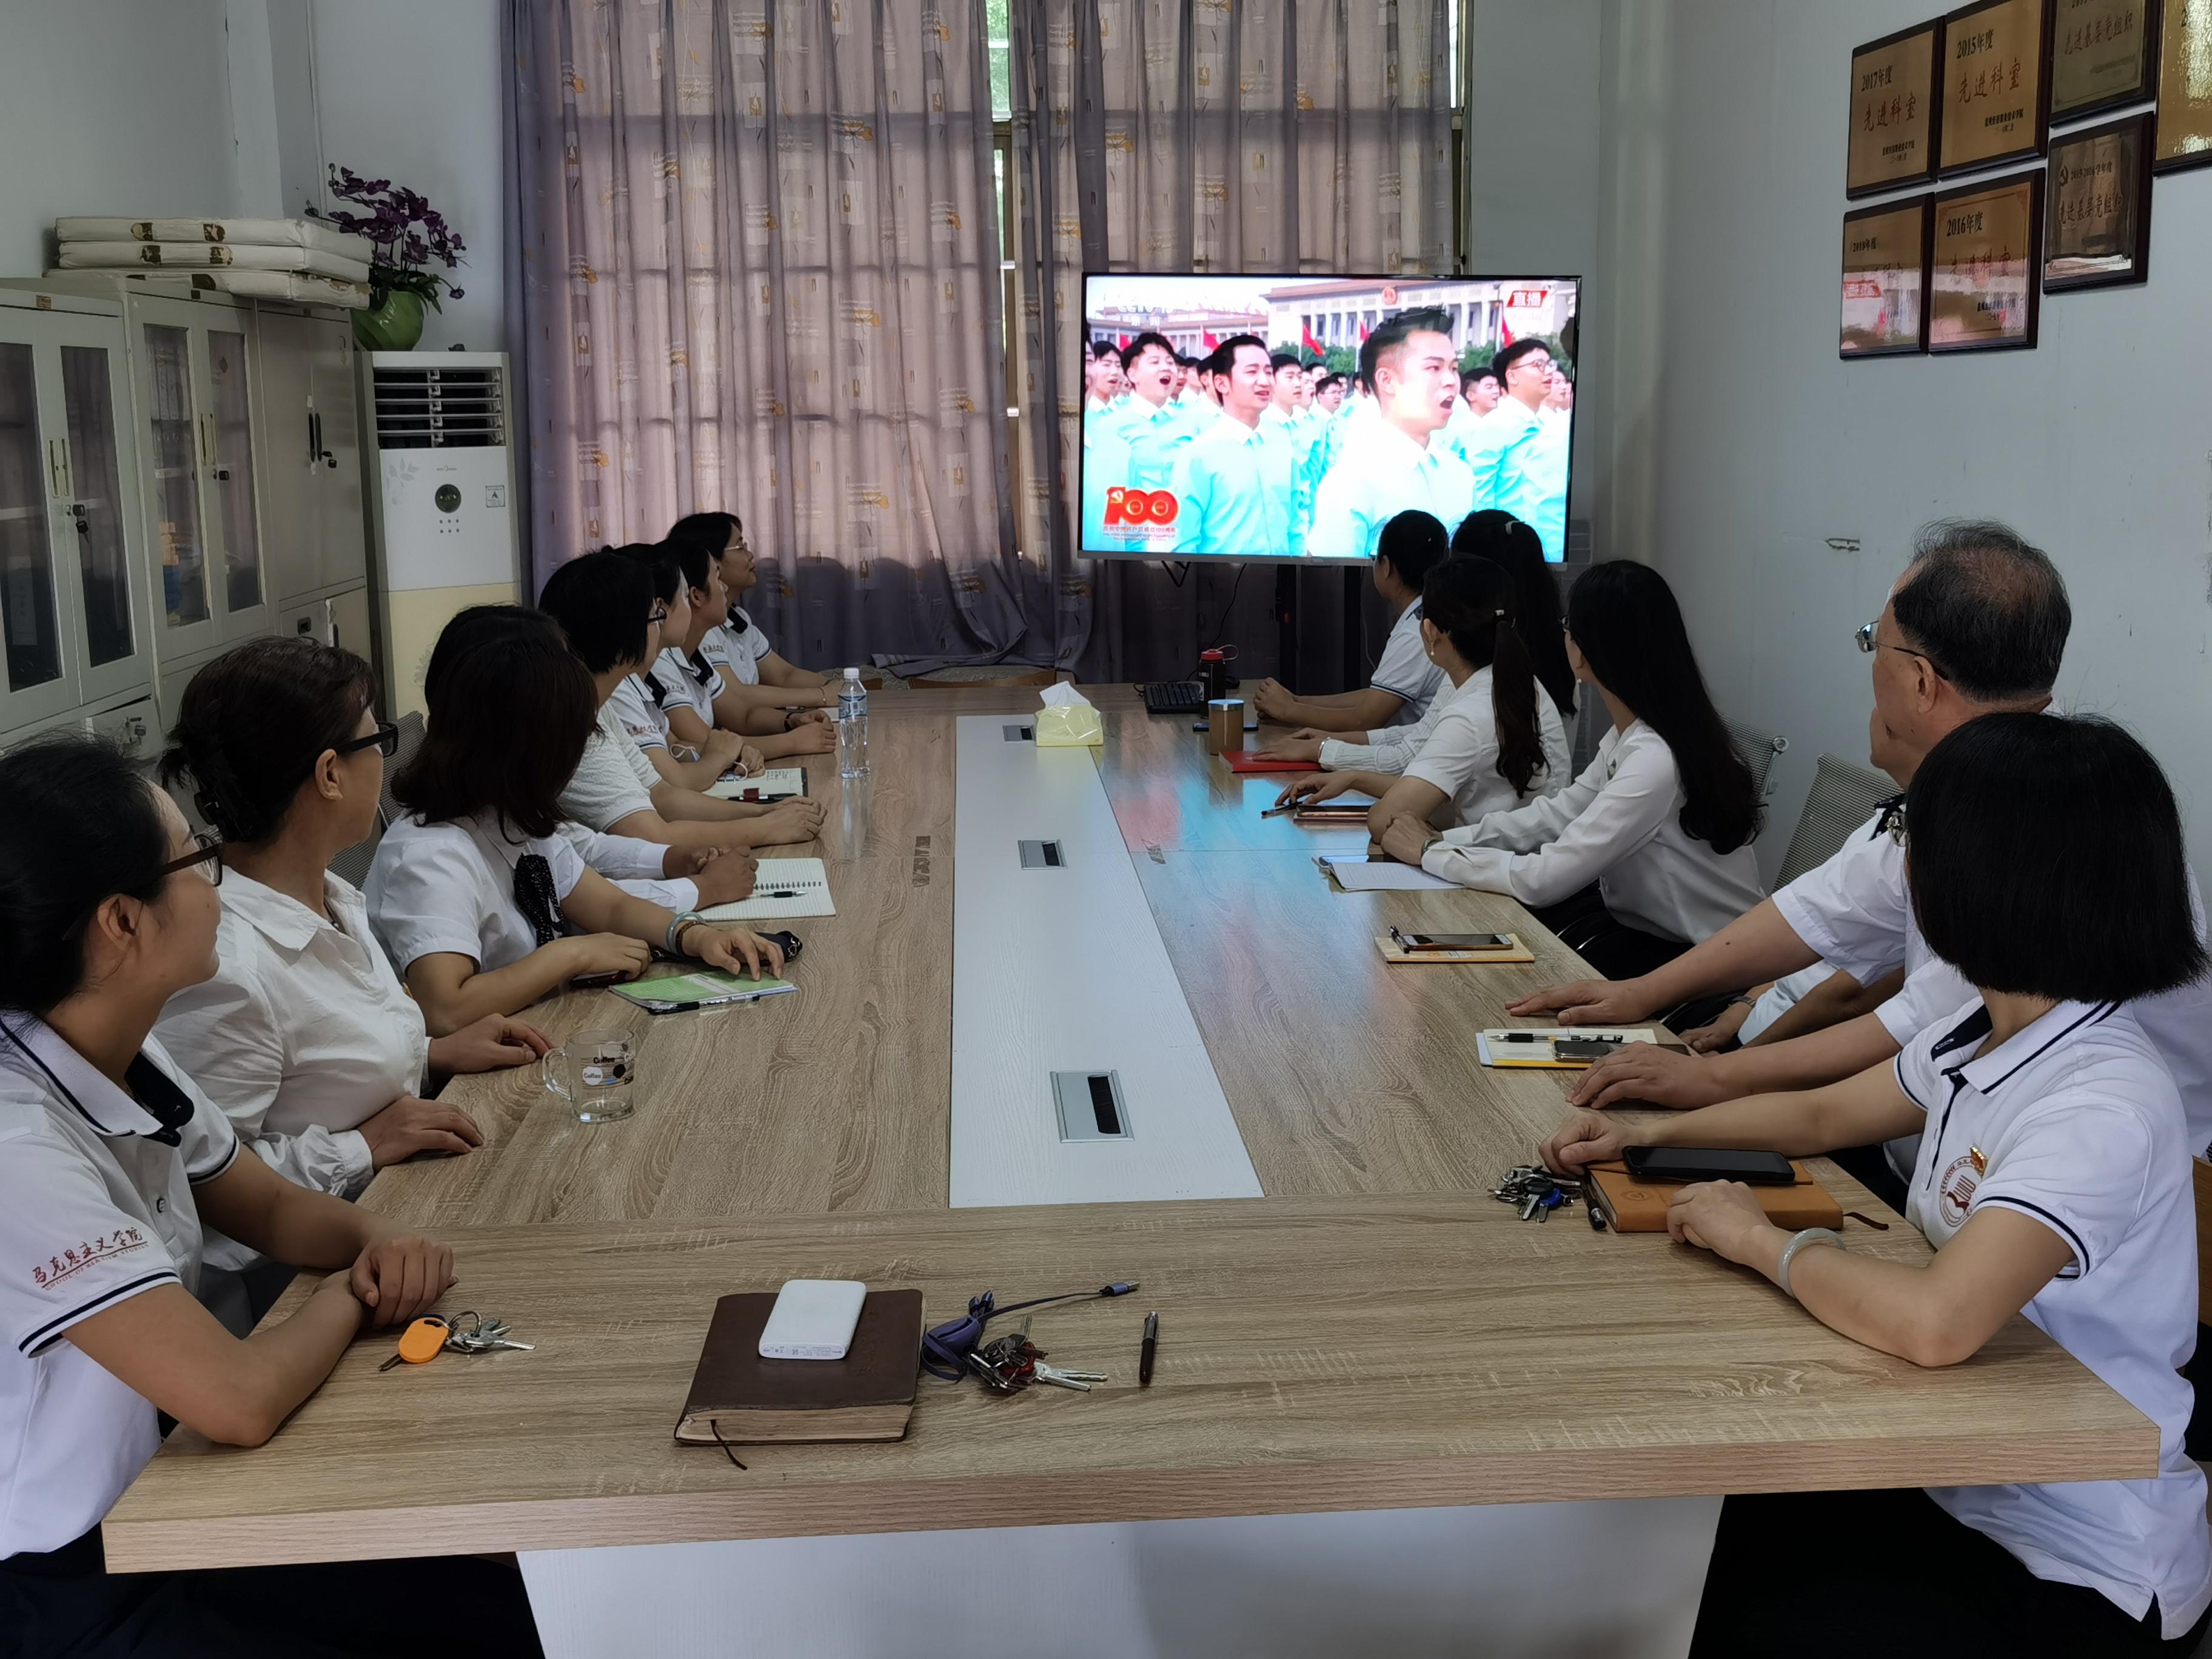 马克思主义学院直属党支部 组织观看庆祝中国共产党成立100周年大会直播